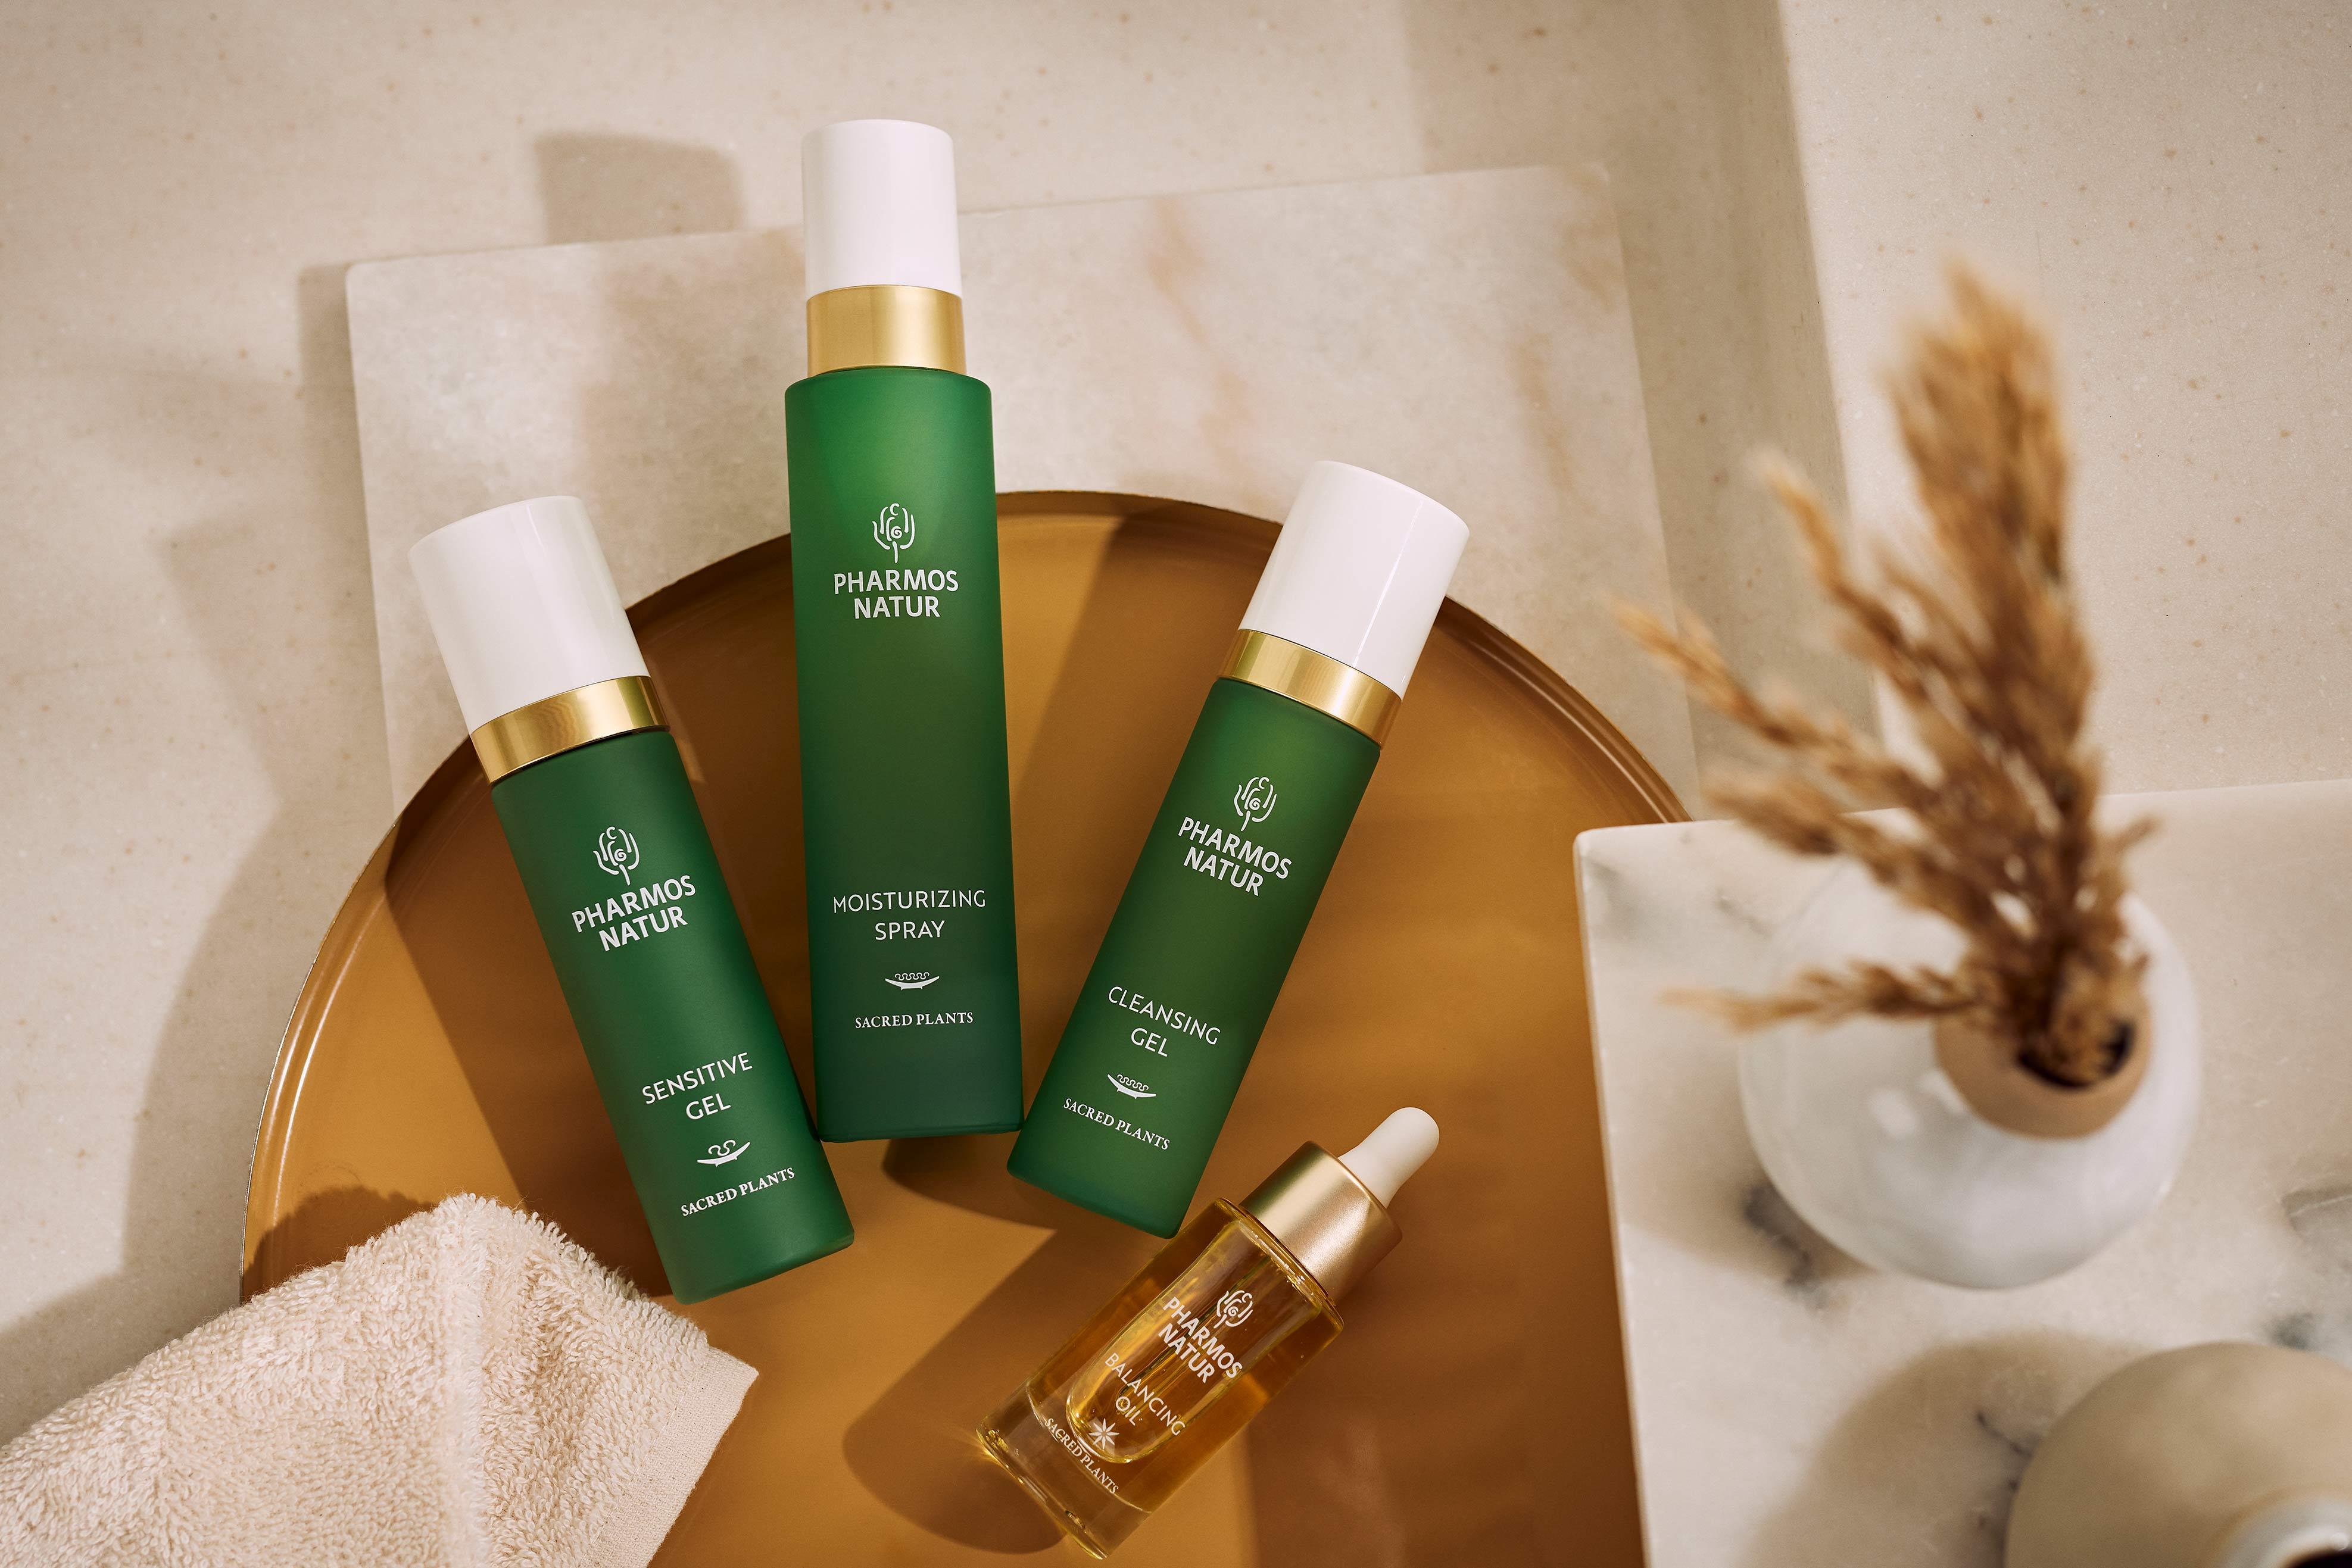 Produkte für ölige Haut mit Sensitive Gel, Moisturizing Spray und Cleansing Gel